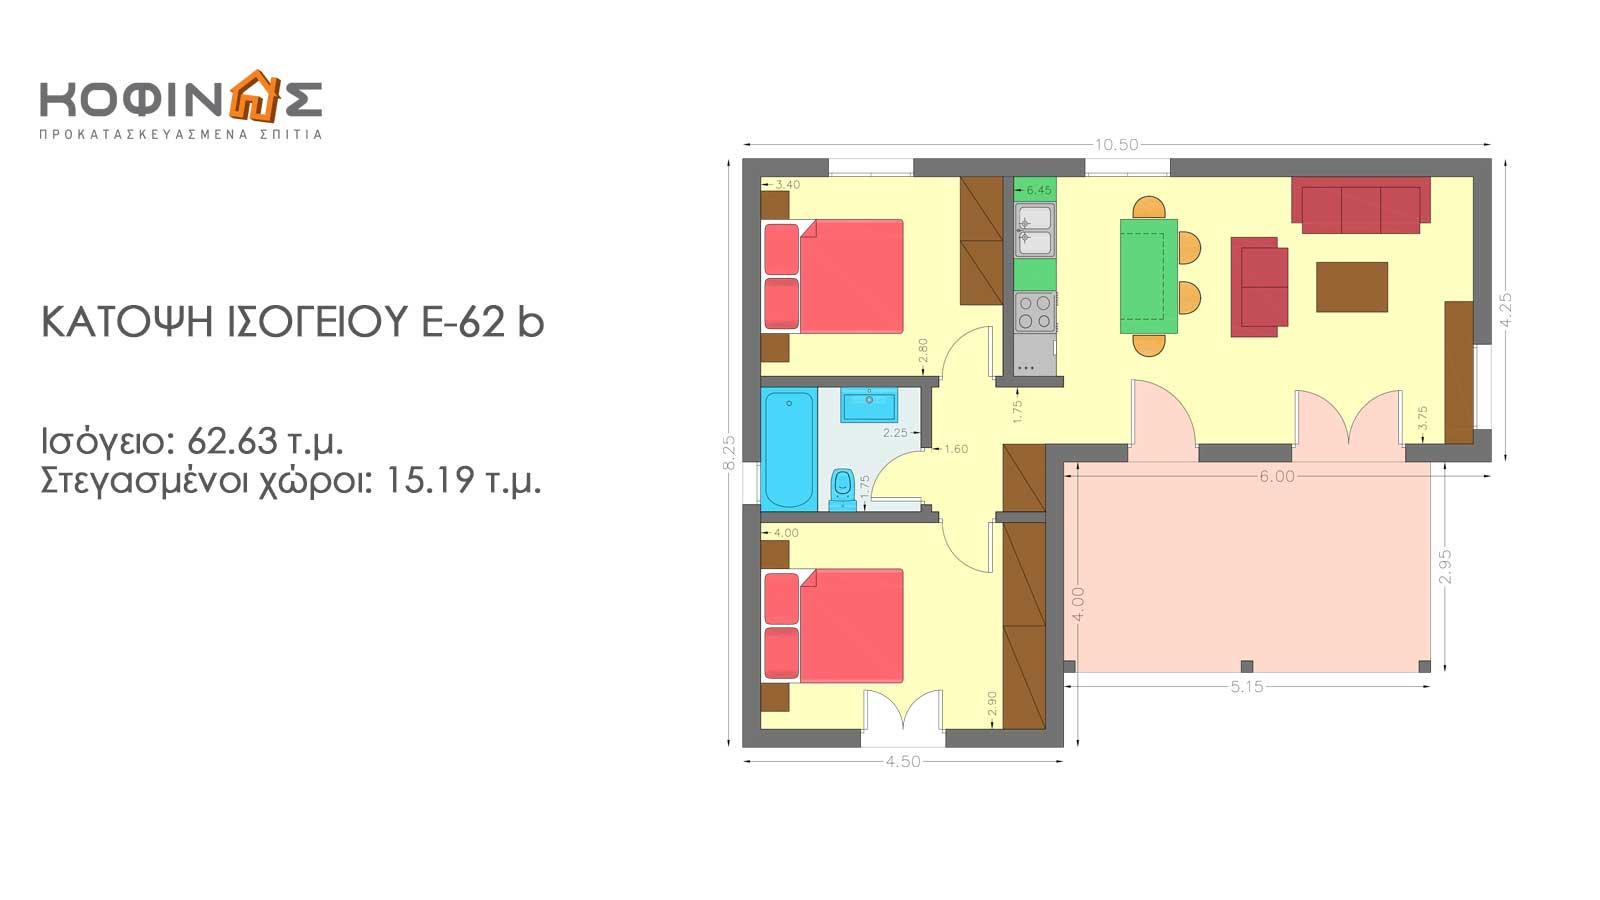 Συγκρότημα Κατοικιών E-62b, συνολικής επιφάνειας 3 x 62,63 = 187,89 τ.μ.